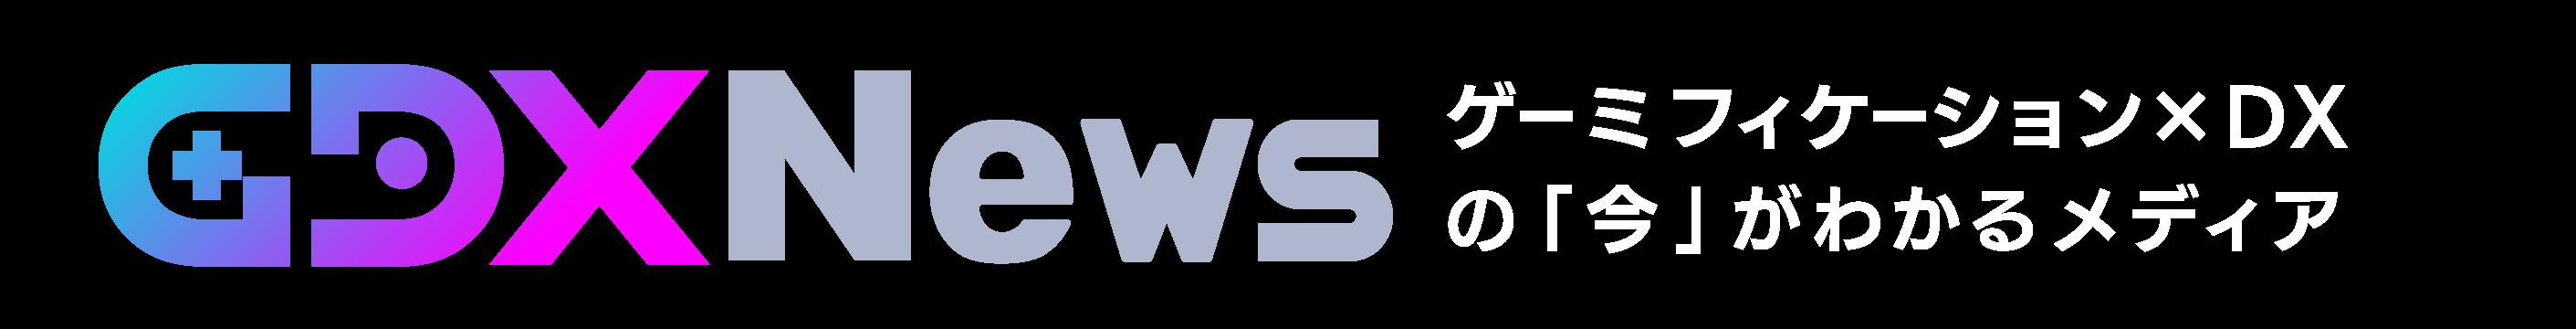 GDX News